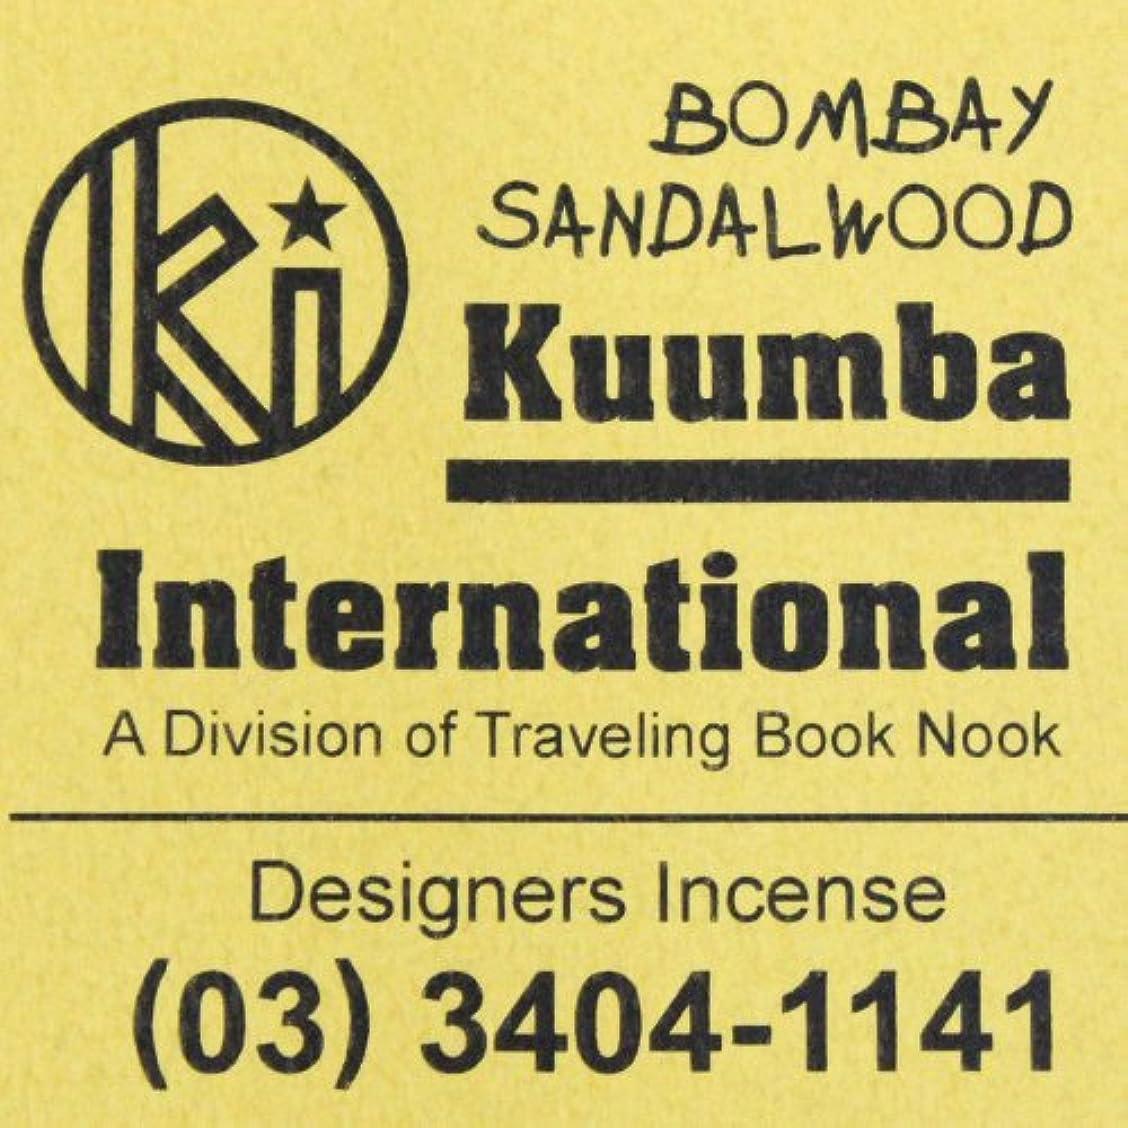 吸い込む店員良心的KUUMBA (クンバ)『incense』(BOMBAY SANDALWOOD) (Regular size)